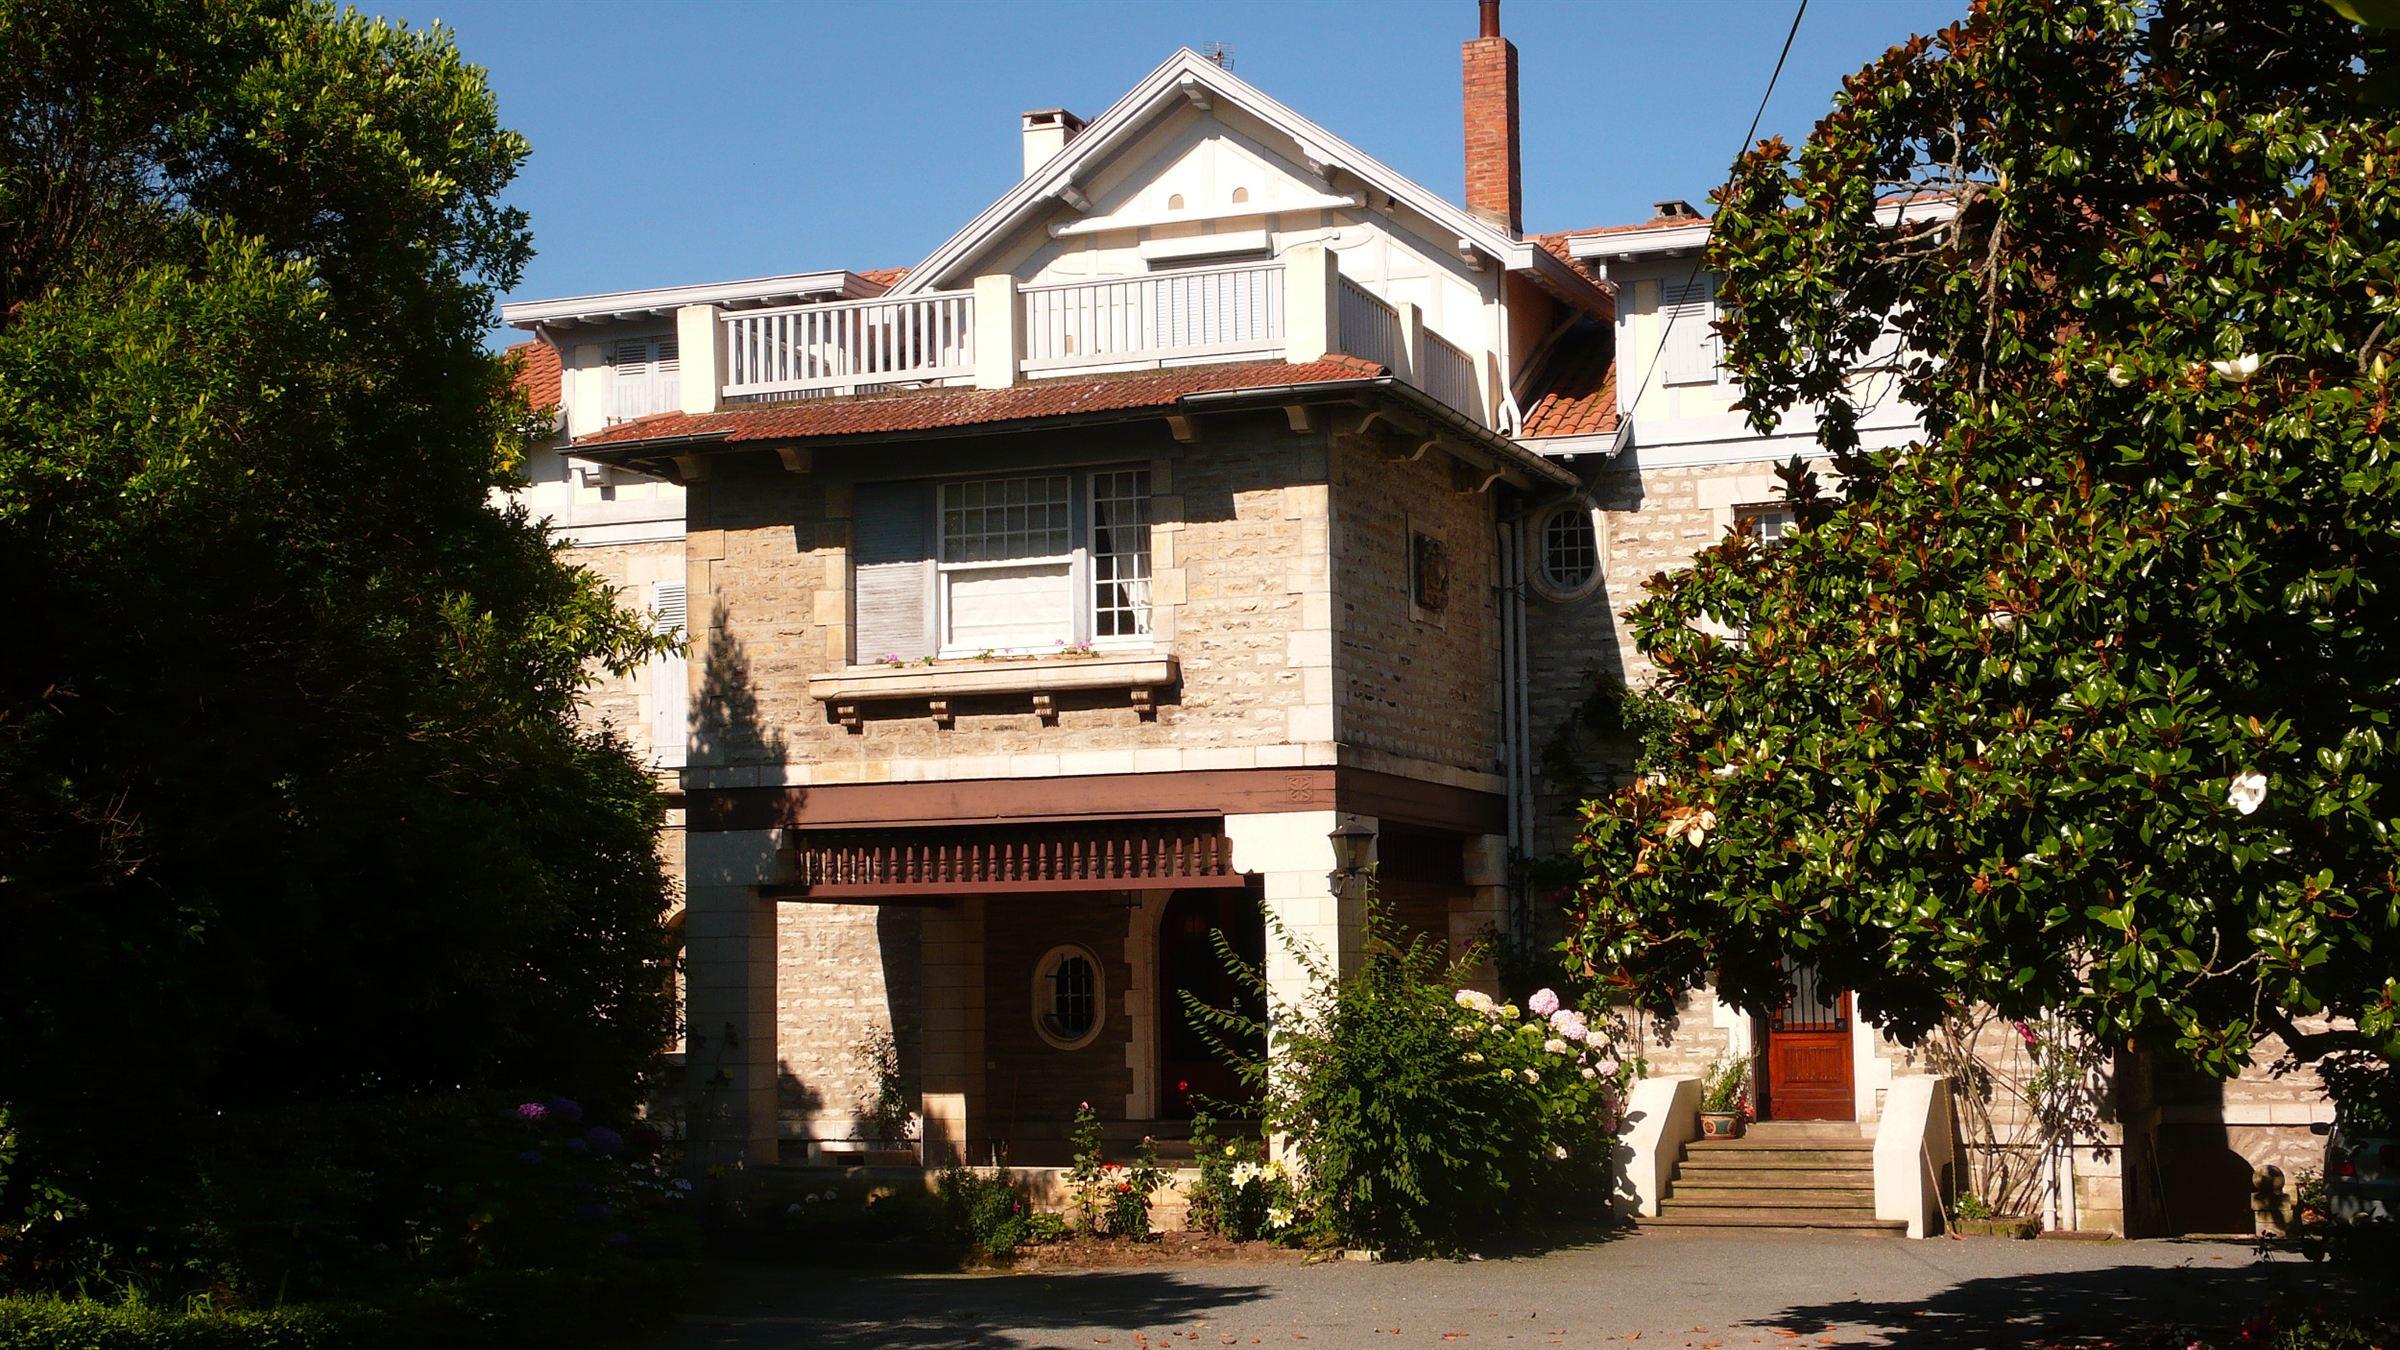 Квартира для того Продажа на BIARRITZ Biarritz, Аквитания, 64200 Франция